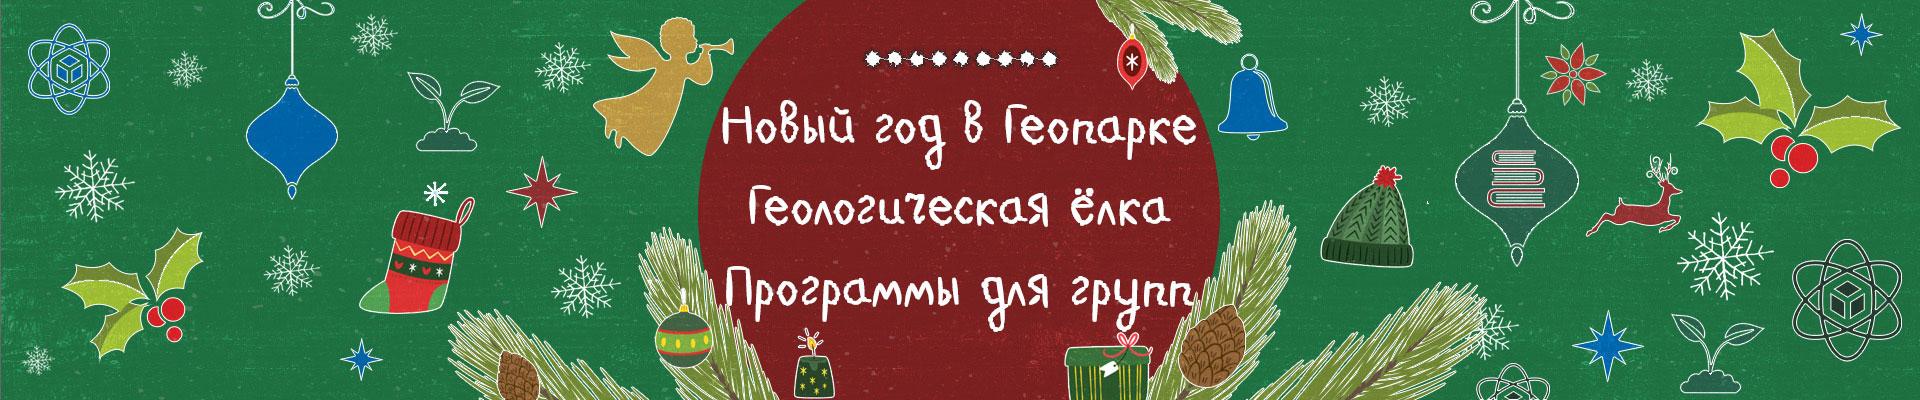 Новый Год в Геопарке